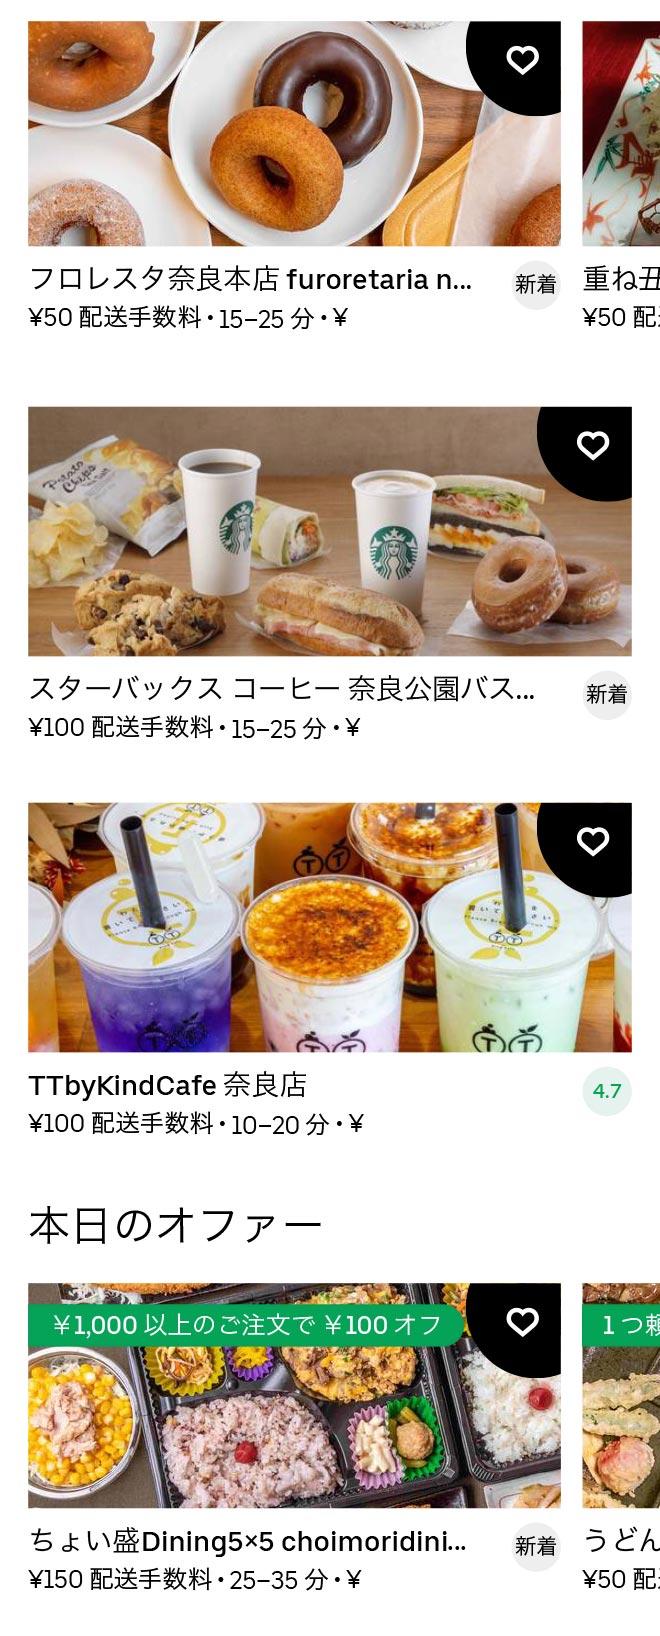 Nara menu 2011 03